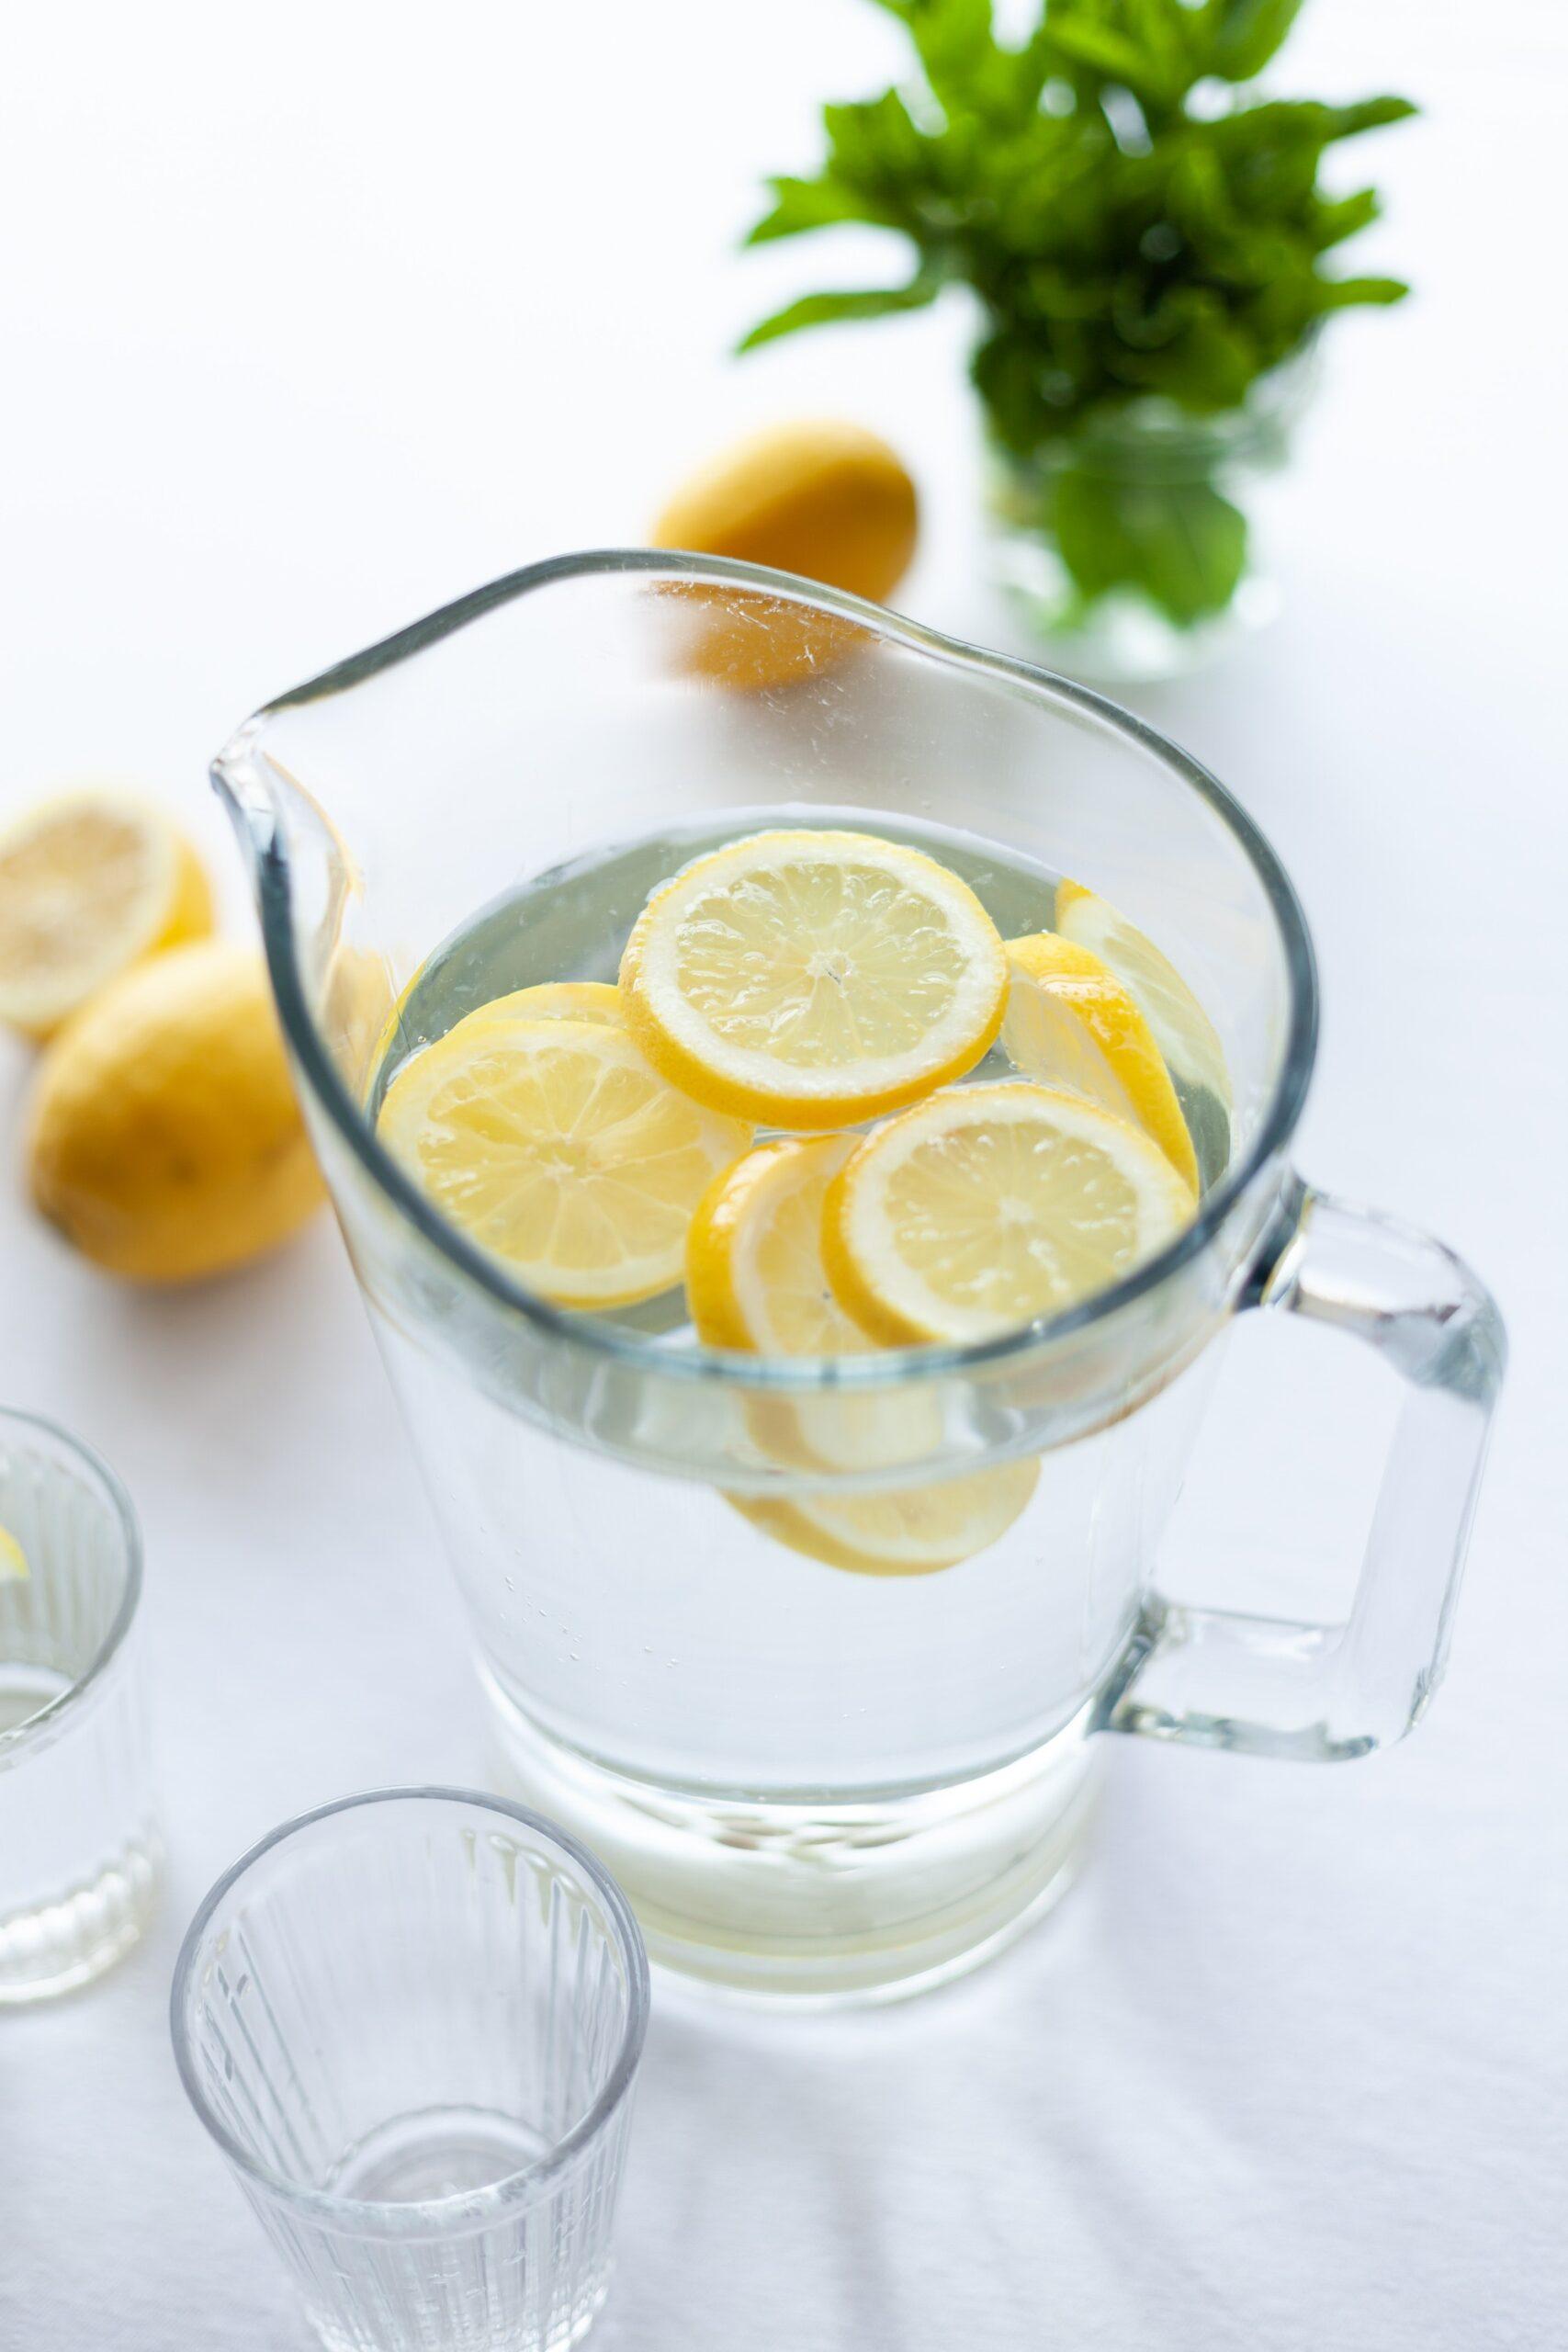 pitcher of lemonade with sliced lemons inside the pitcher and whole lemons outside the pitcher